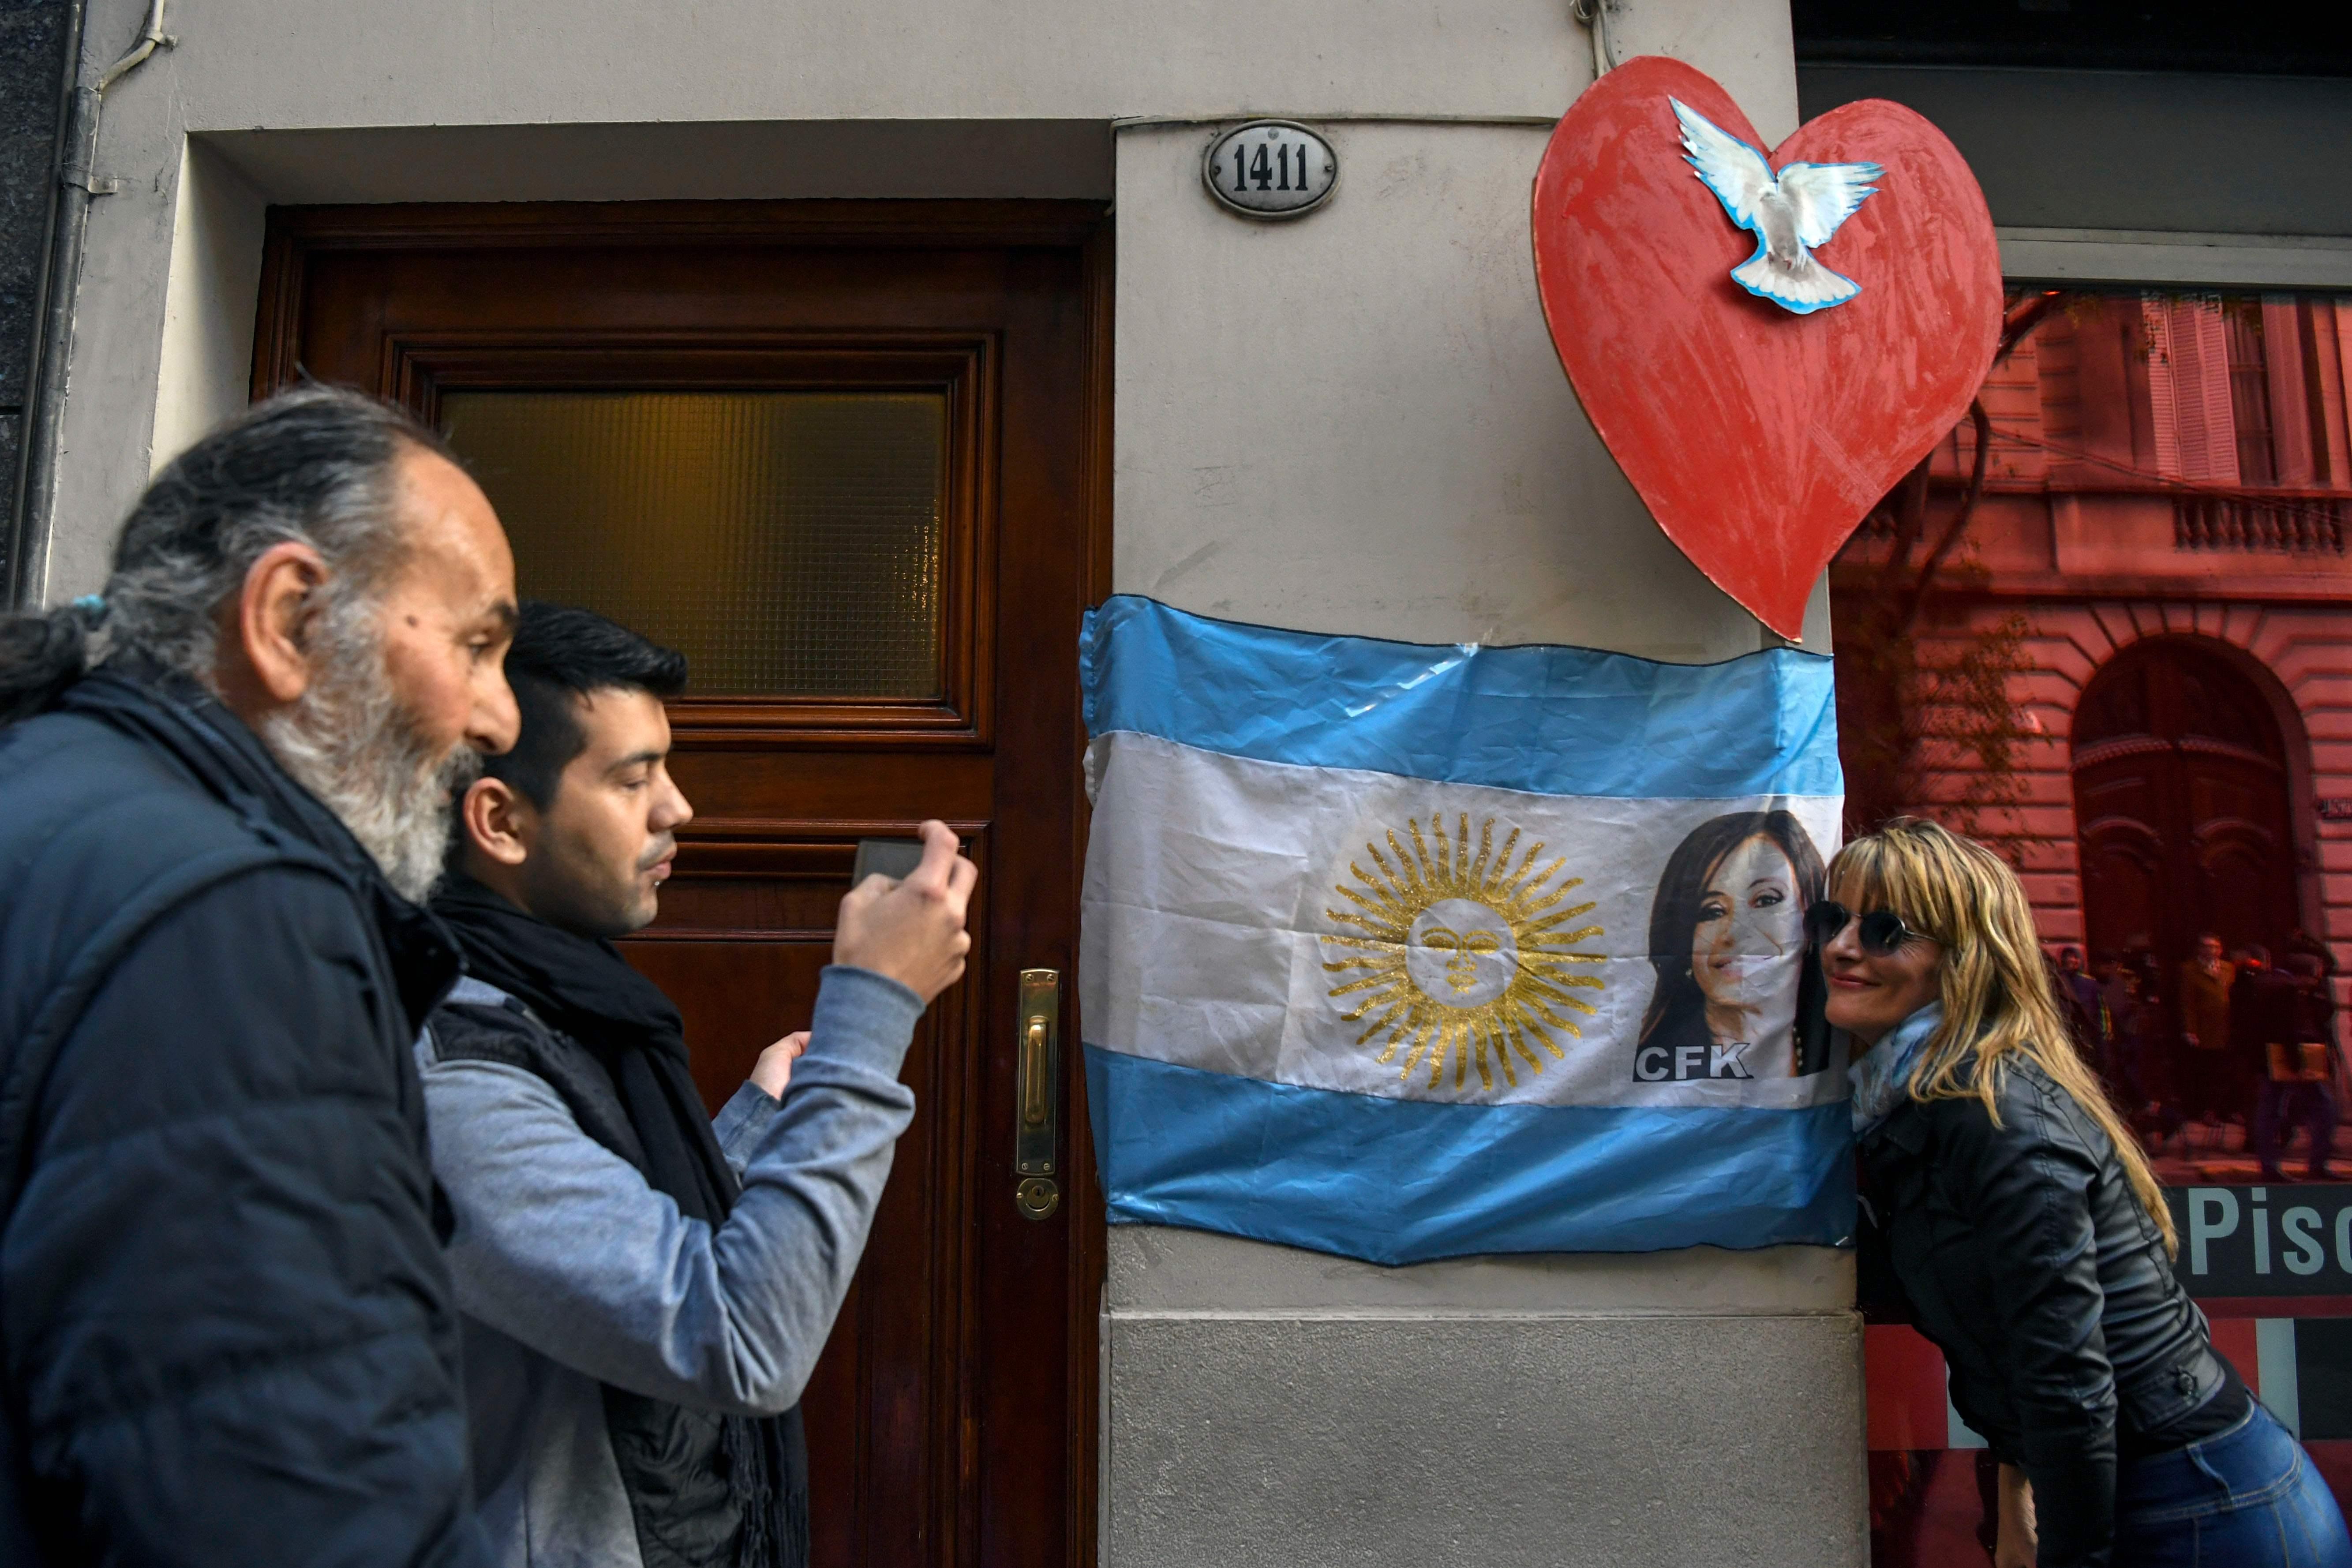 سيدة تلتقط صورة مع علم الارجنتين عليه صورة الرئيس السابق